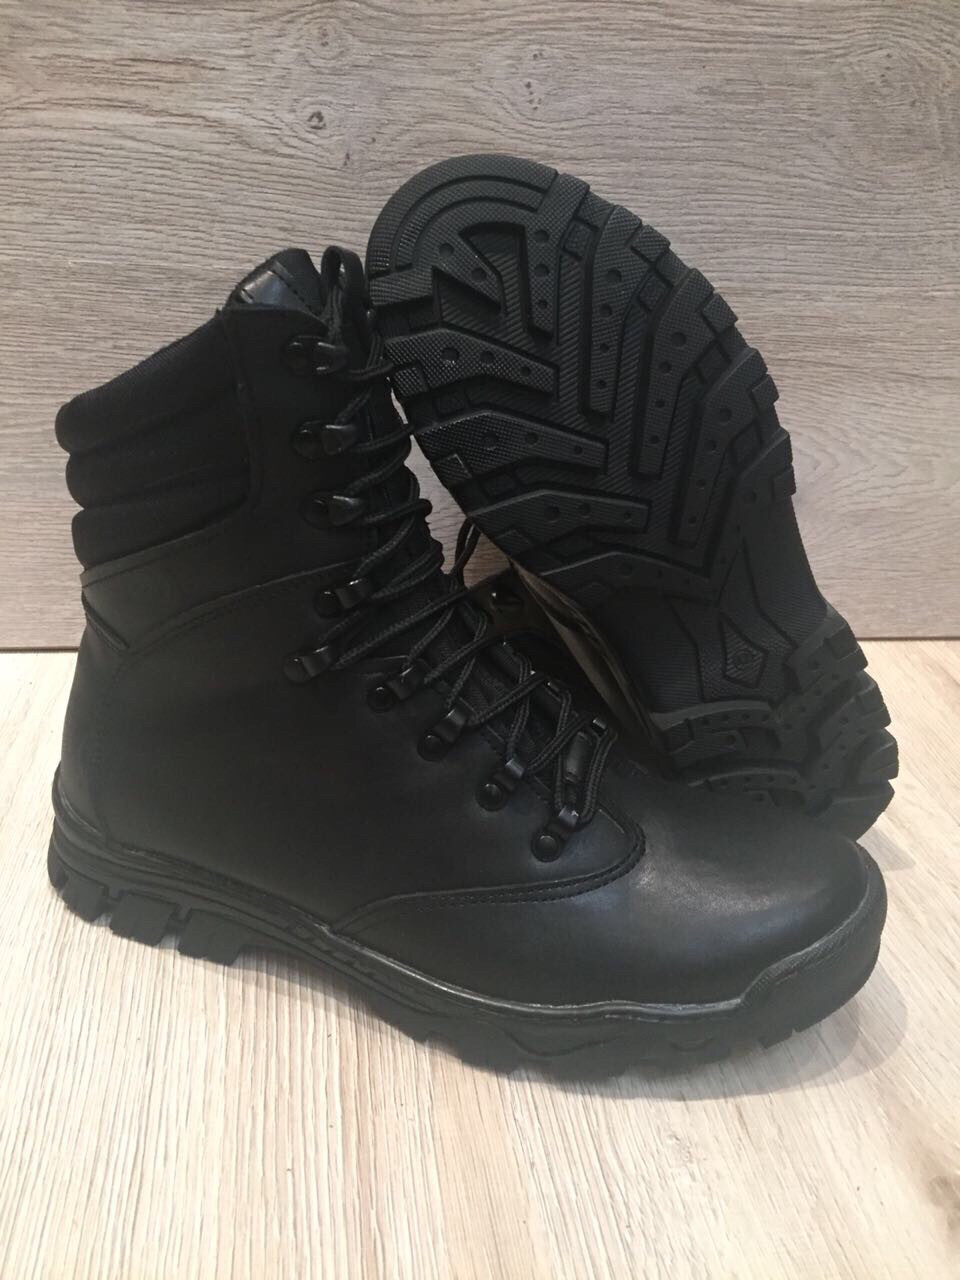 Военная обувь,ботинки ,берцы.рабочая обувь, цена 710 грн., купить ... e6c0c31156b